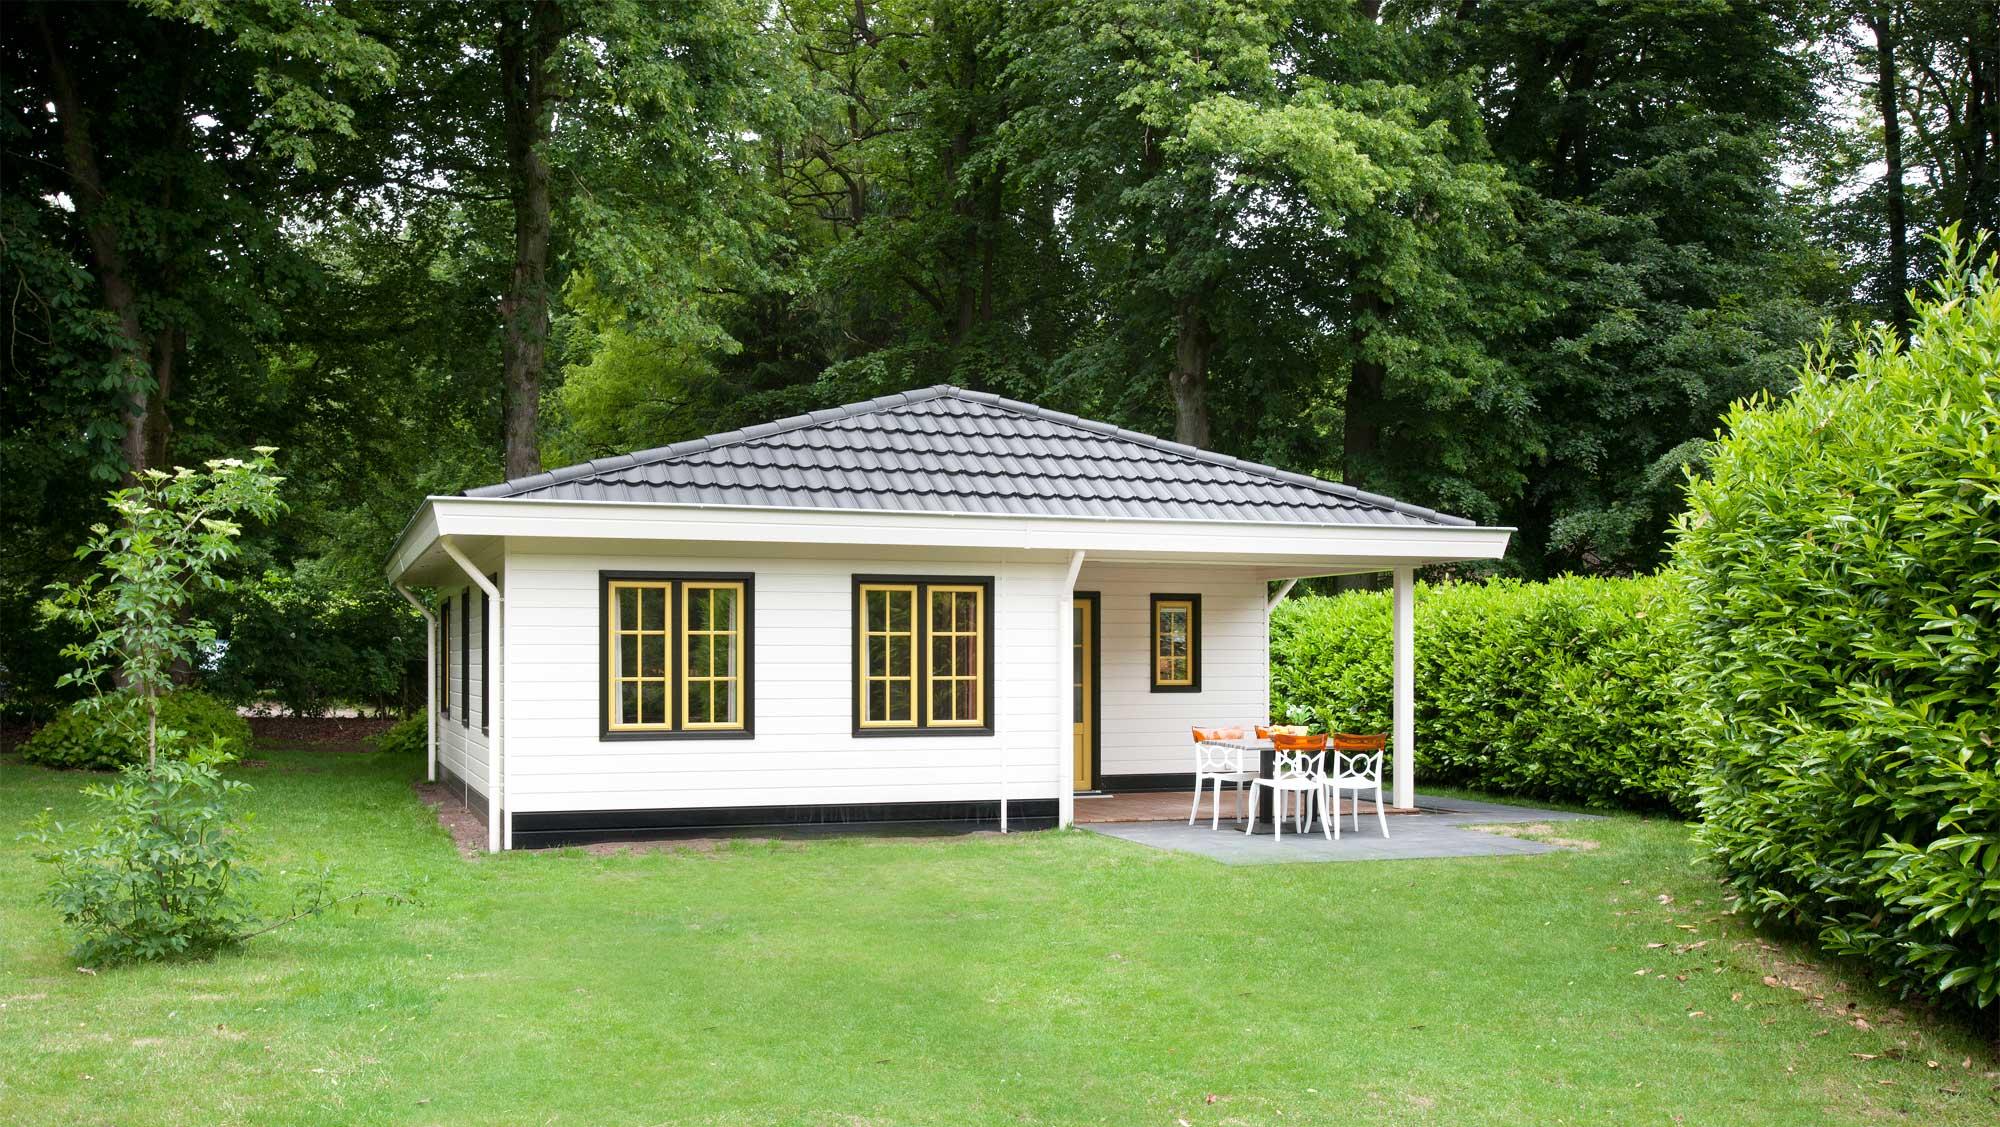 4pers bungalow Spieker Molecaten Park De Leemkule 01